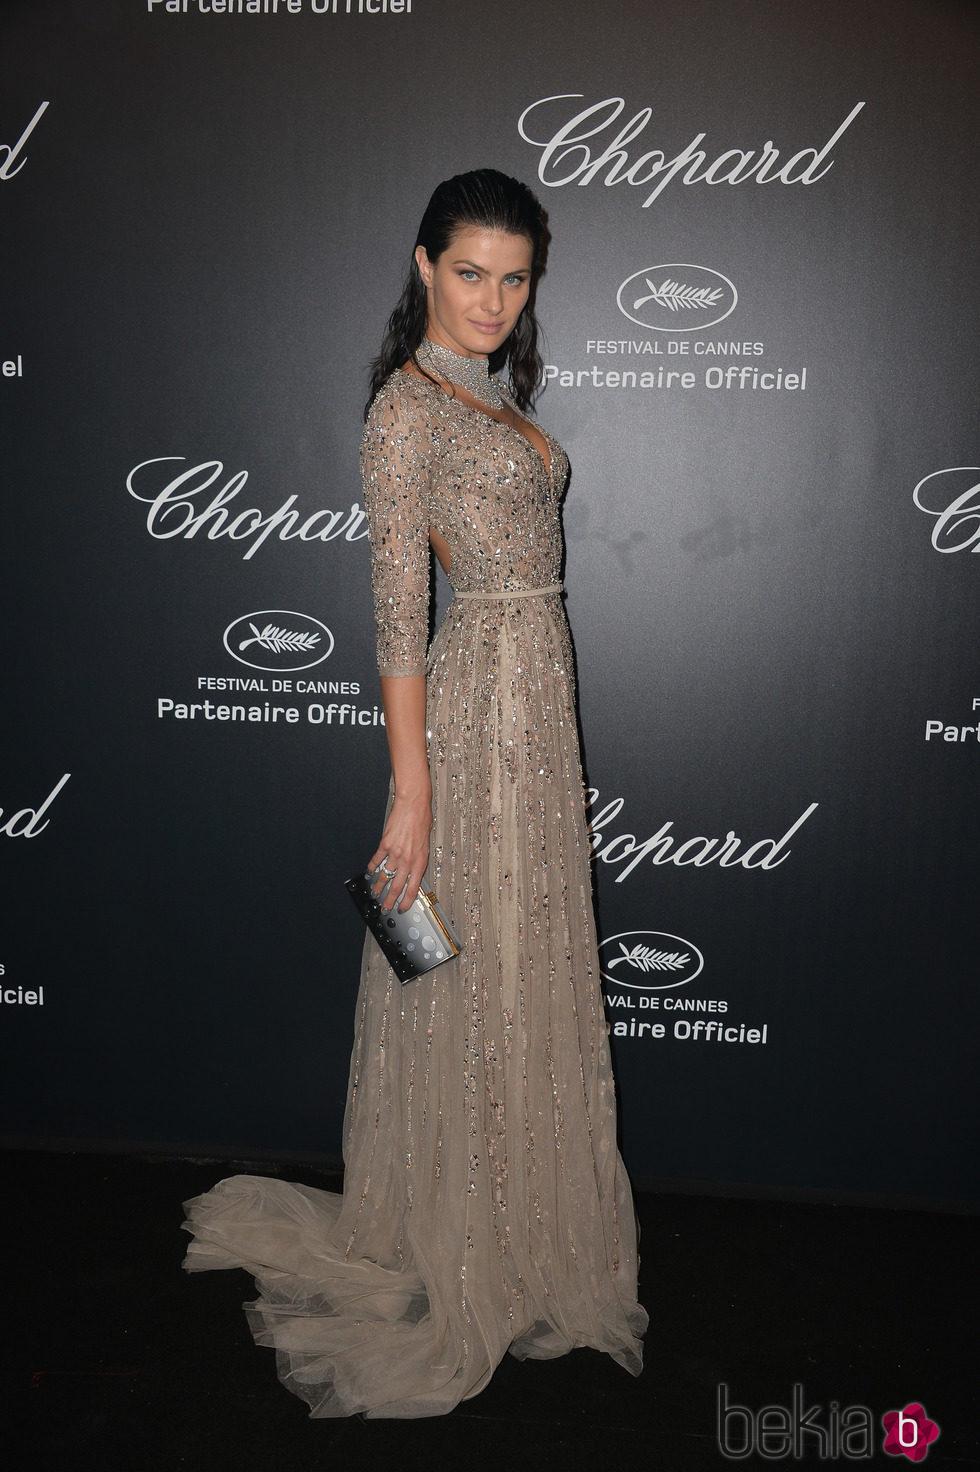 Isabeli Fontana en la fiesta Chopard ofrecida por el Festival de Cannes 2015